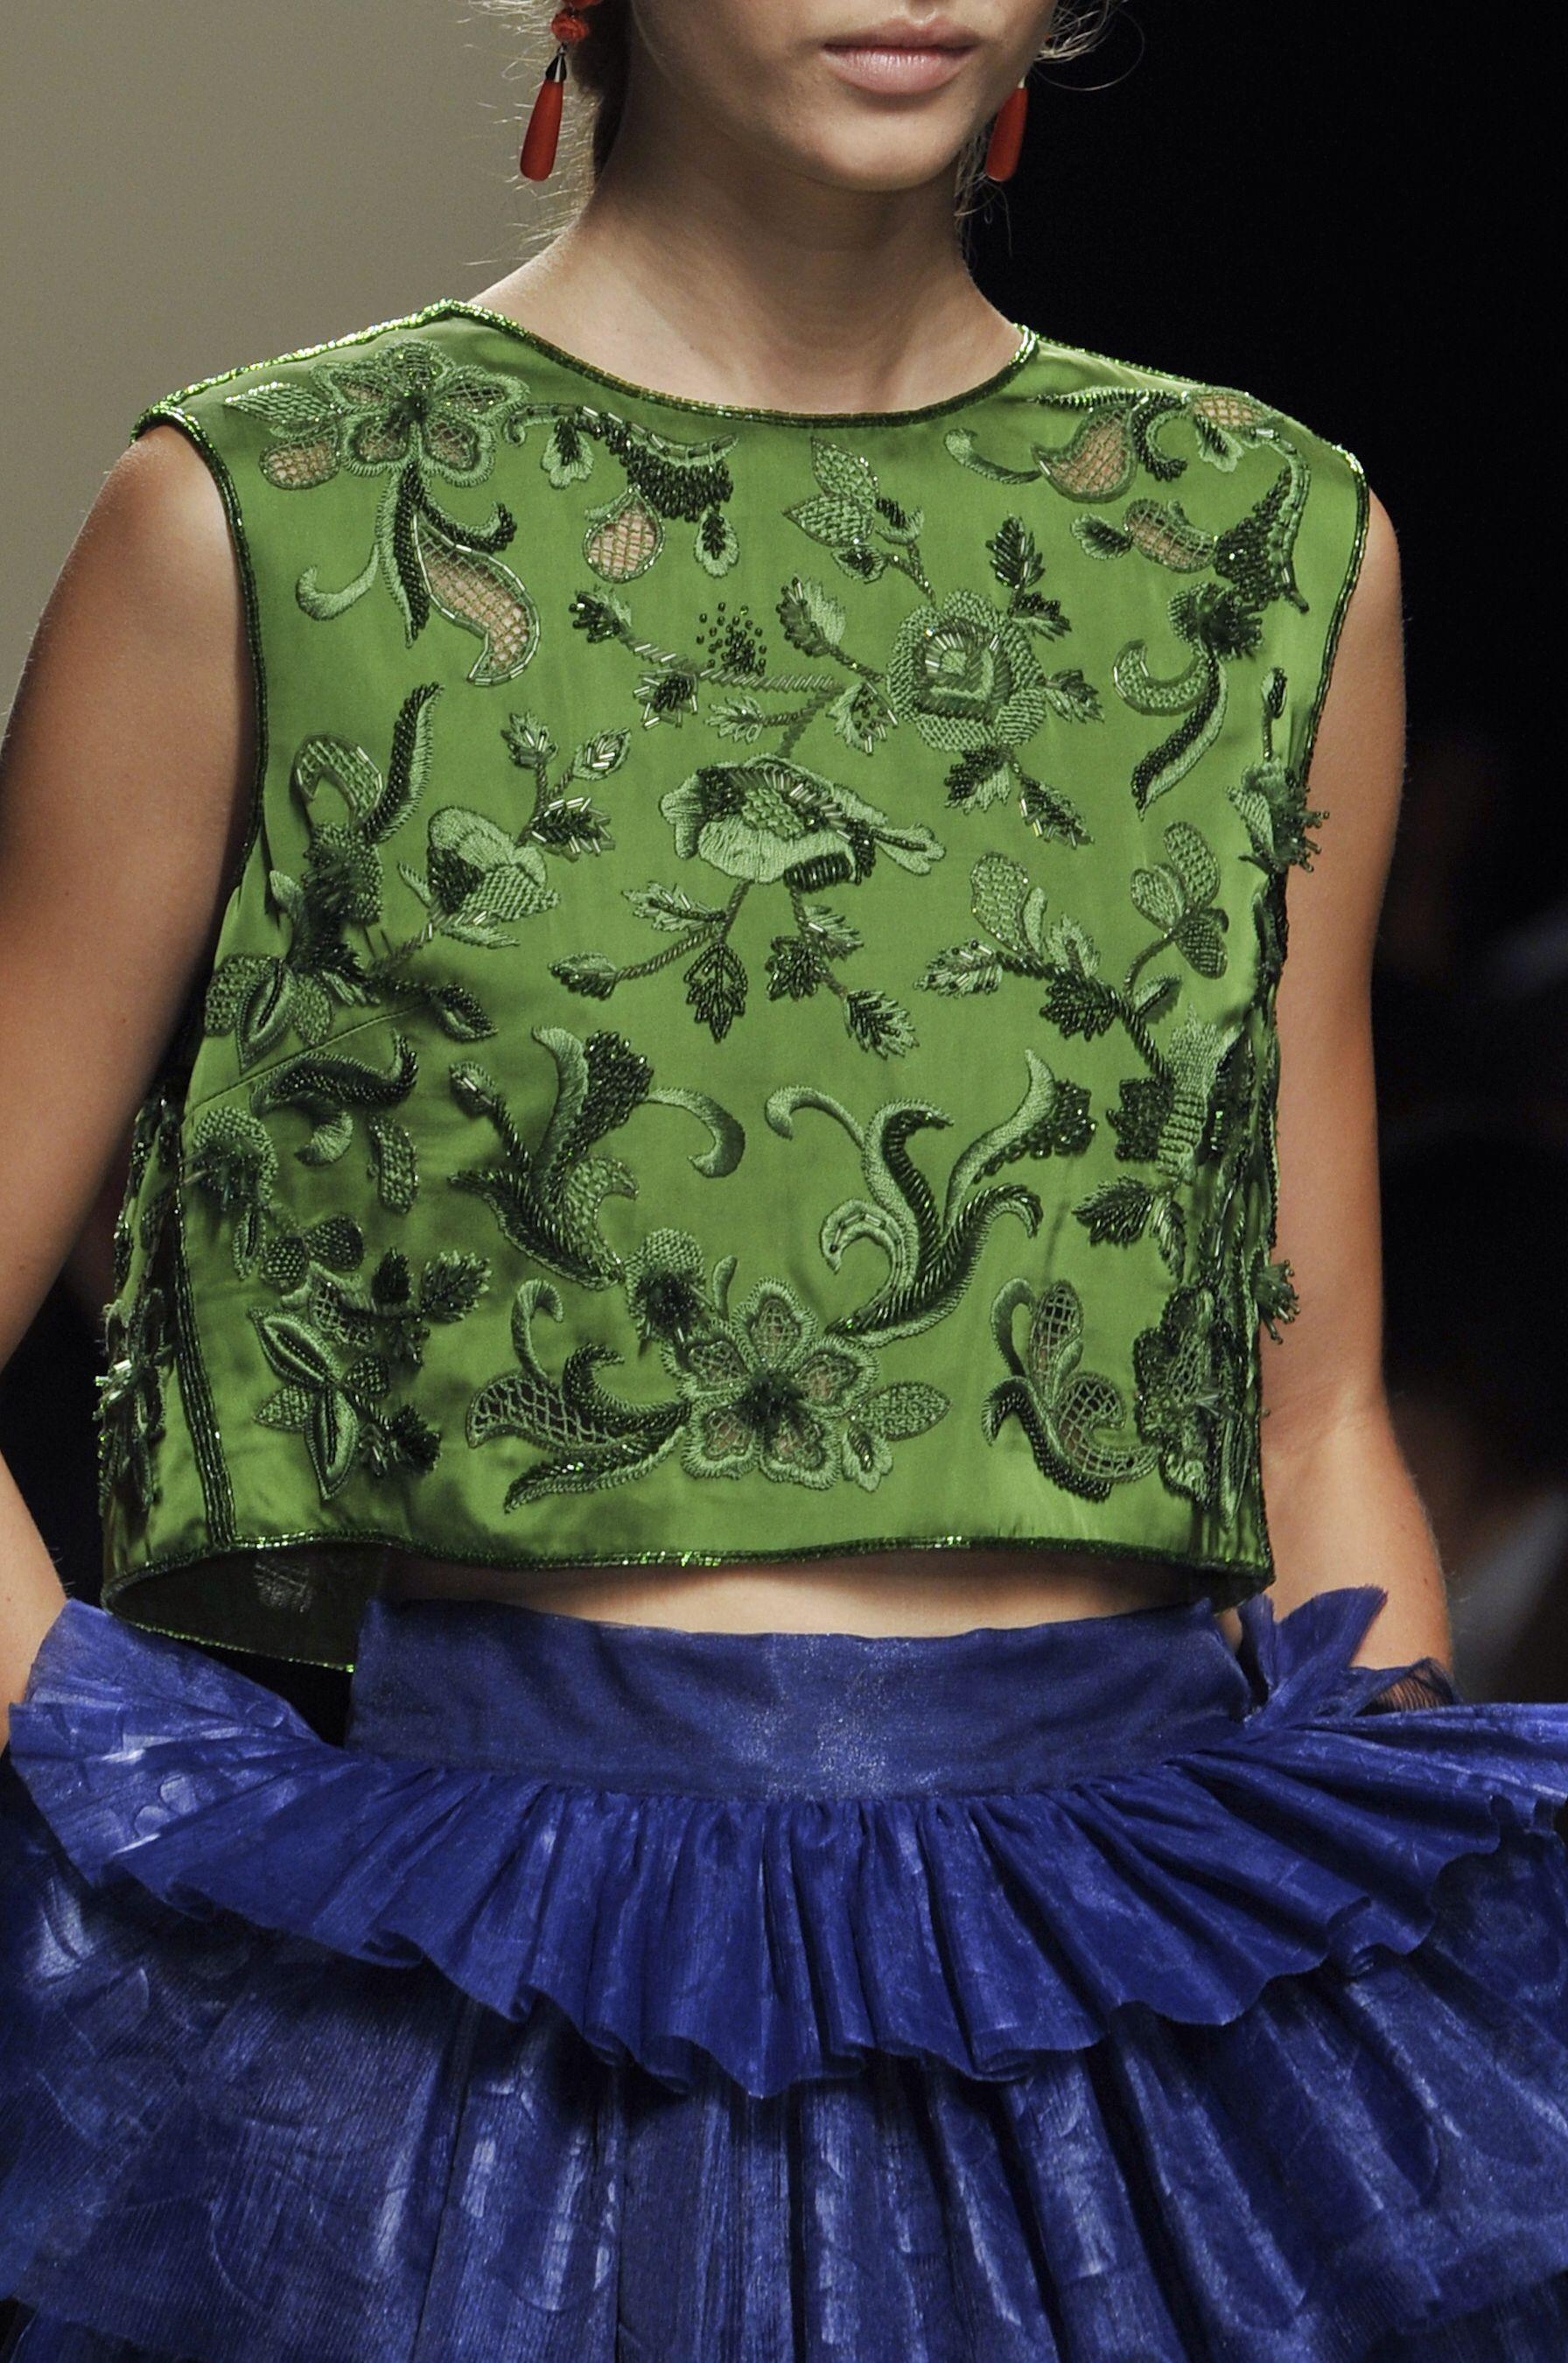 +++ ALBERTA FERRETTI + Spring / Summer 2014 + Milano - Collezioni Primavera Estate 2014 +++   @isazaalejandro Twitter: @ISAZAfashion / Facebook: ISAZAfashion @Alberta Ferretti  #fashion #moda #verano2014 #fashionweek #milan #milano #mfw #ss2014 #spring2014 #summer2014 #sfilata #sfilate #primavera2014 #collezioni #runway